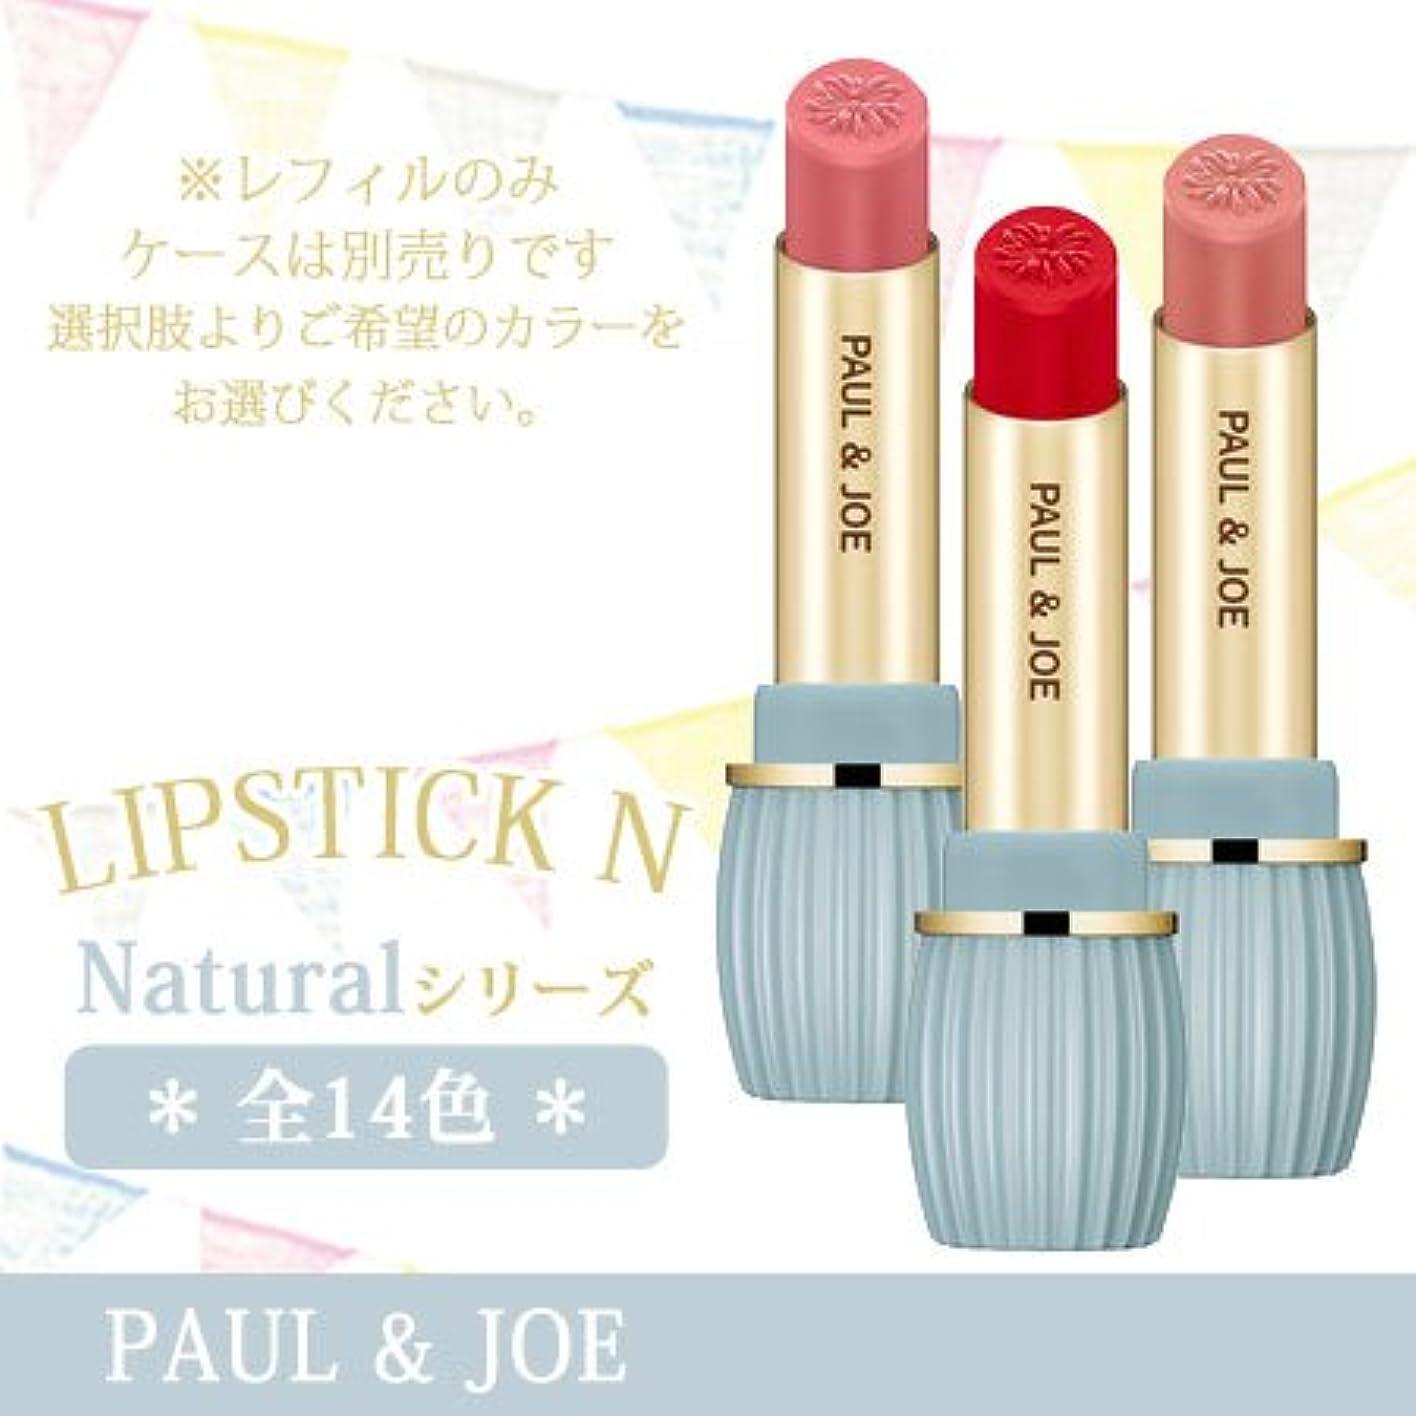 どんなときも柔らかい大ポール&ジョー リップスティック N レフィル Naturalシリーズ -PAUL&JOE-【並行輸入品】 202